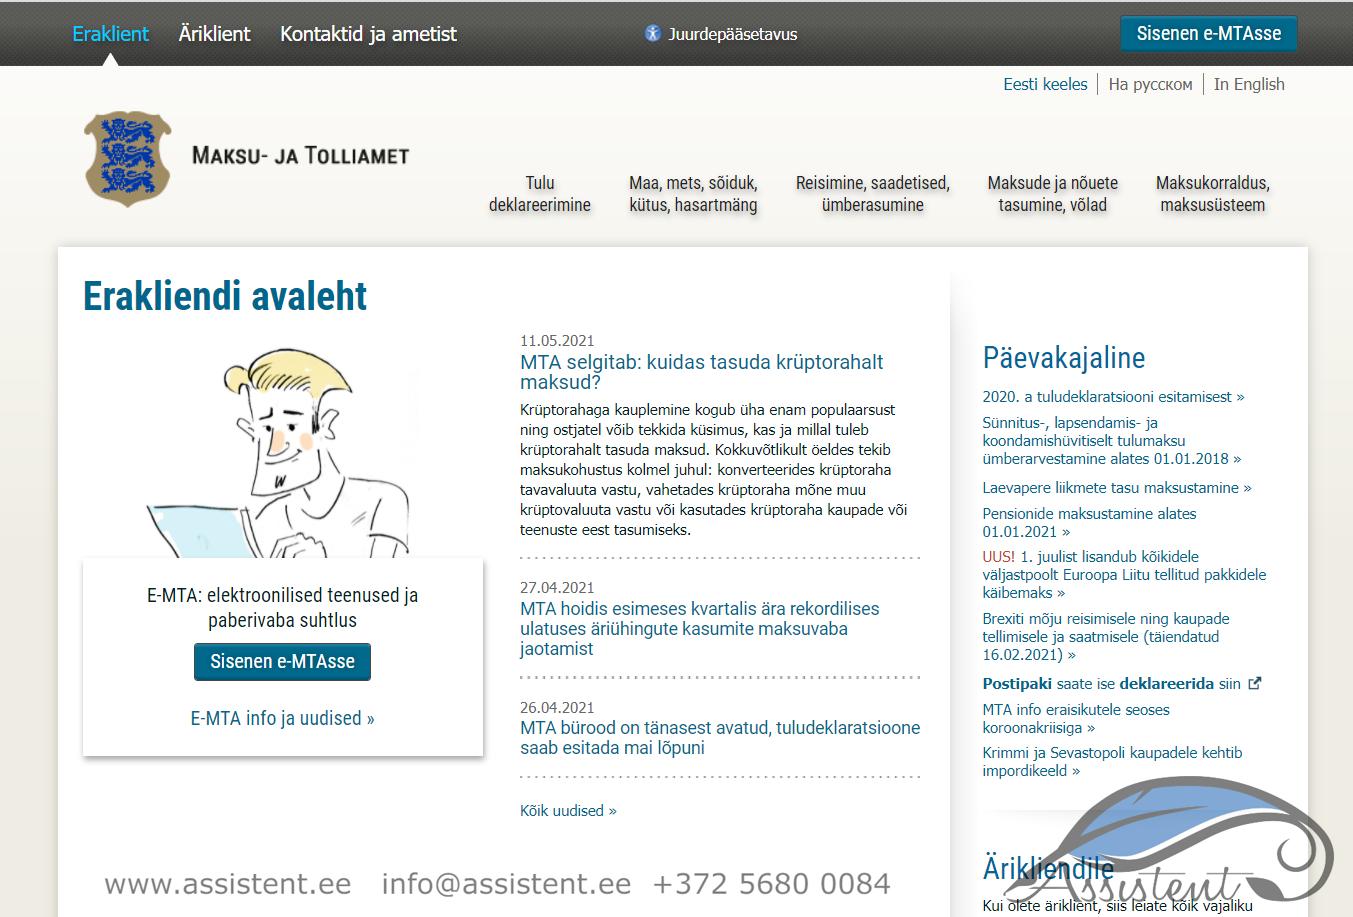 Raamatupidajale õiguste andmine e-maksuametis (JUHEND)